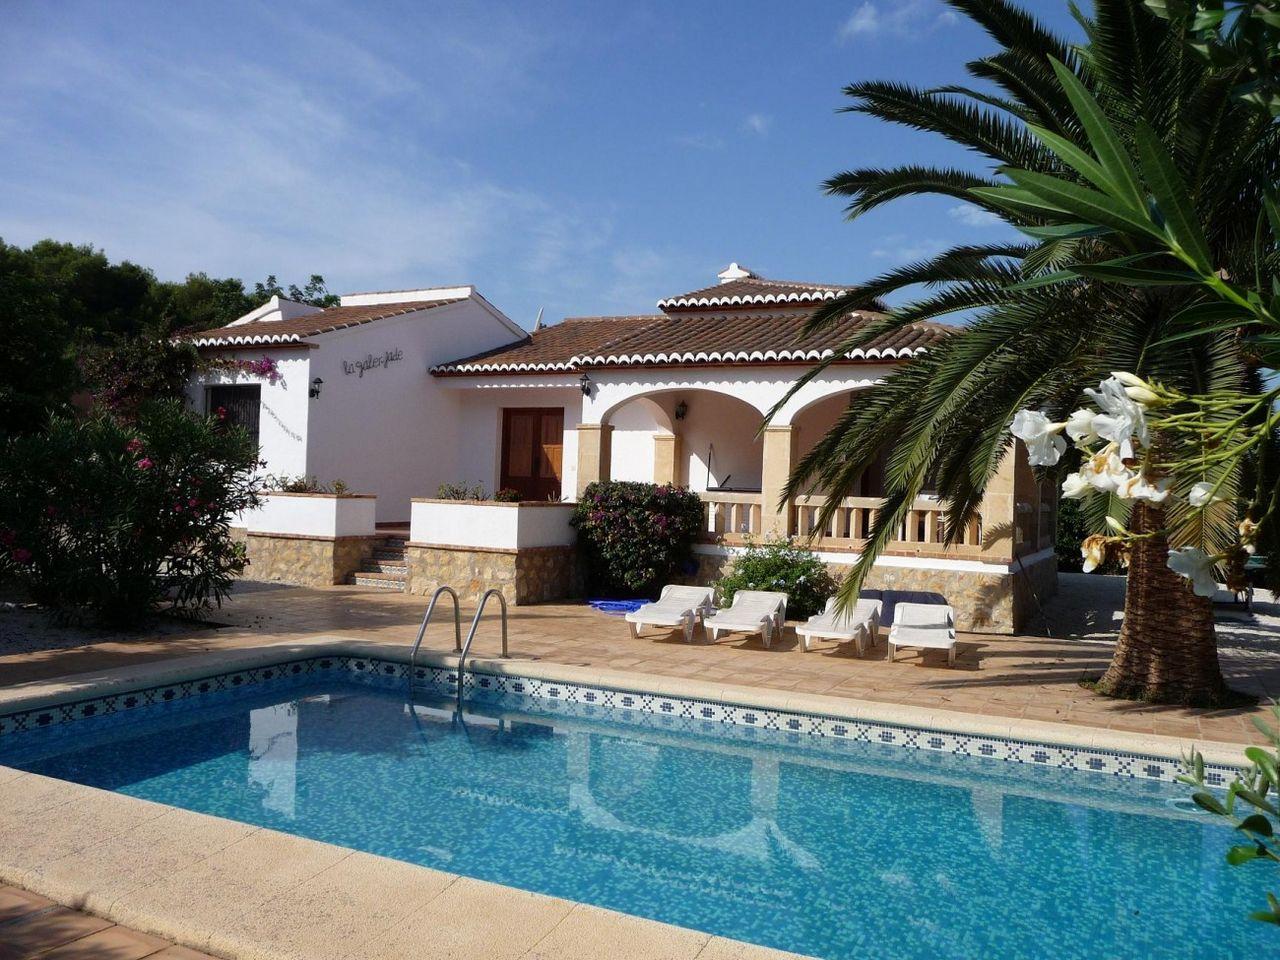 Villa in Jávea, Valle el Sol, holiday rentals